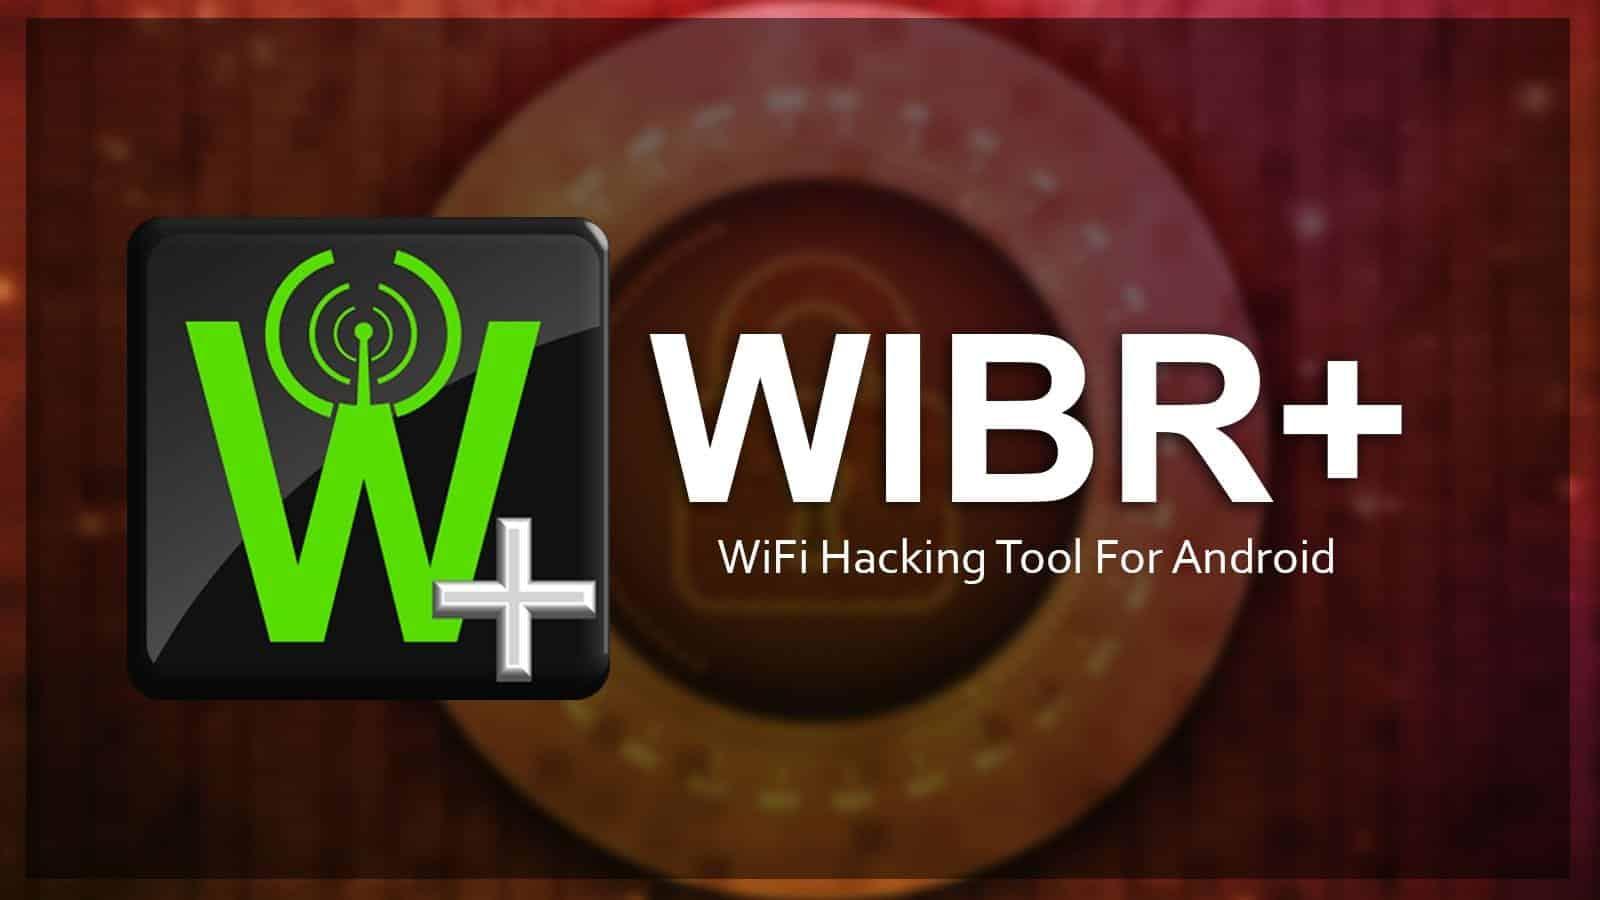 Wibr Como Usar O Aplicativo Que Descobre Senhas Wifi